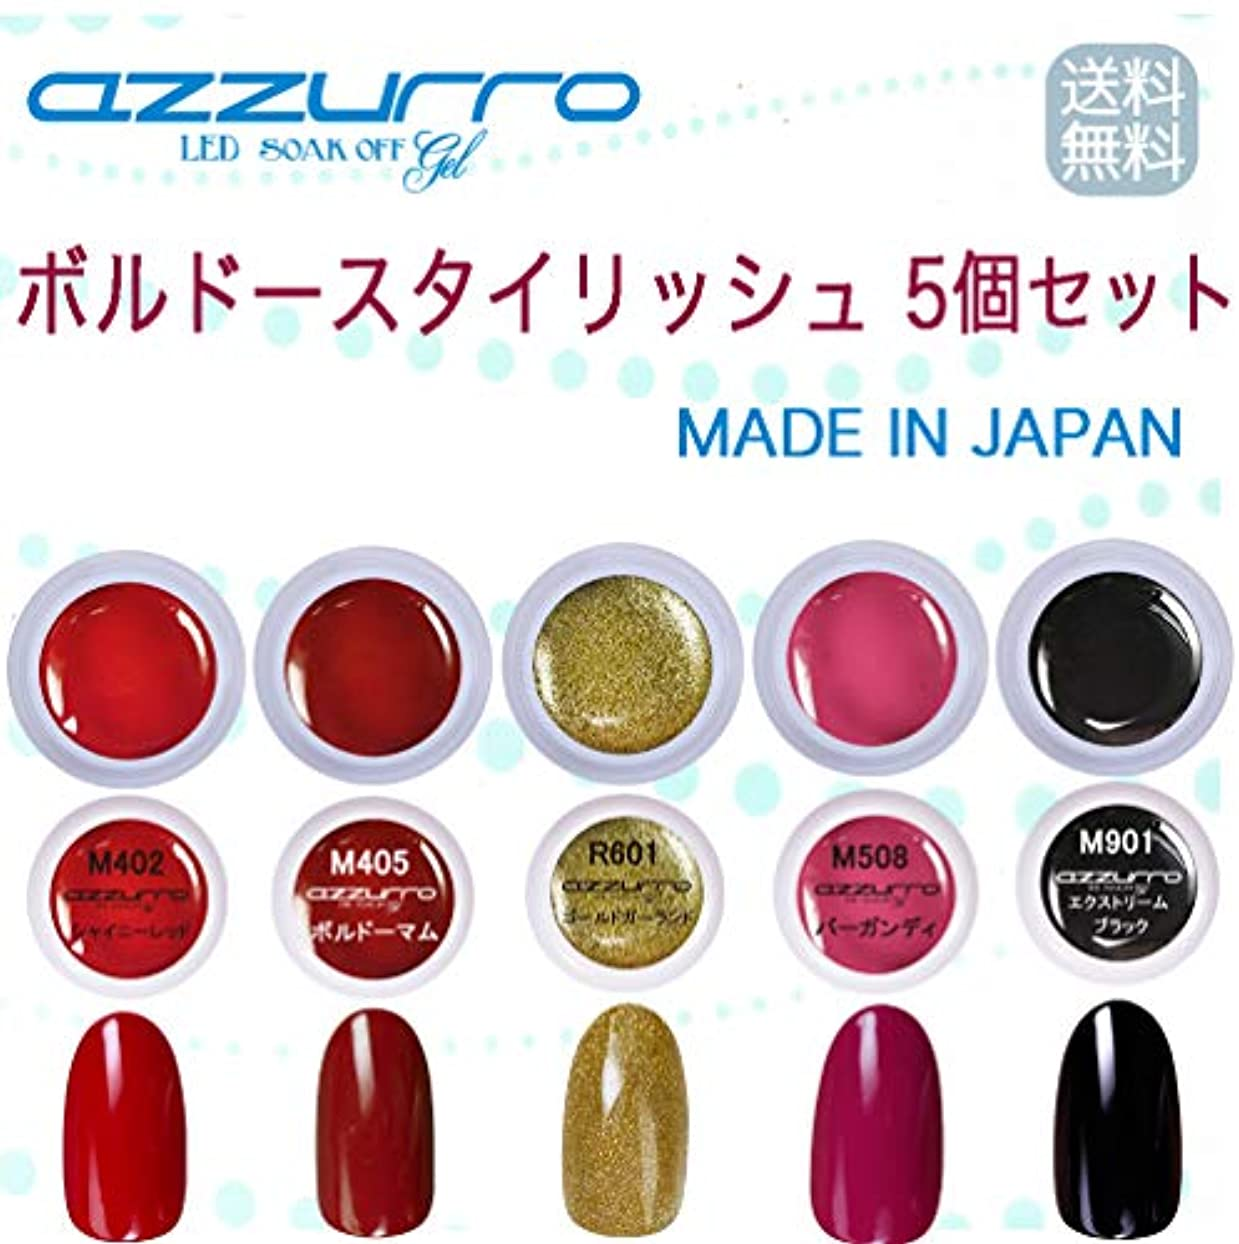 つま先噴火マルコポーロ【送料無料】日本製 azzurro gel ボルドースタイリッシュカラージェル5個セット ネイルアートのマストカラーボルドーとブラックをセット